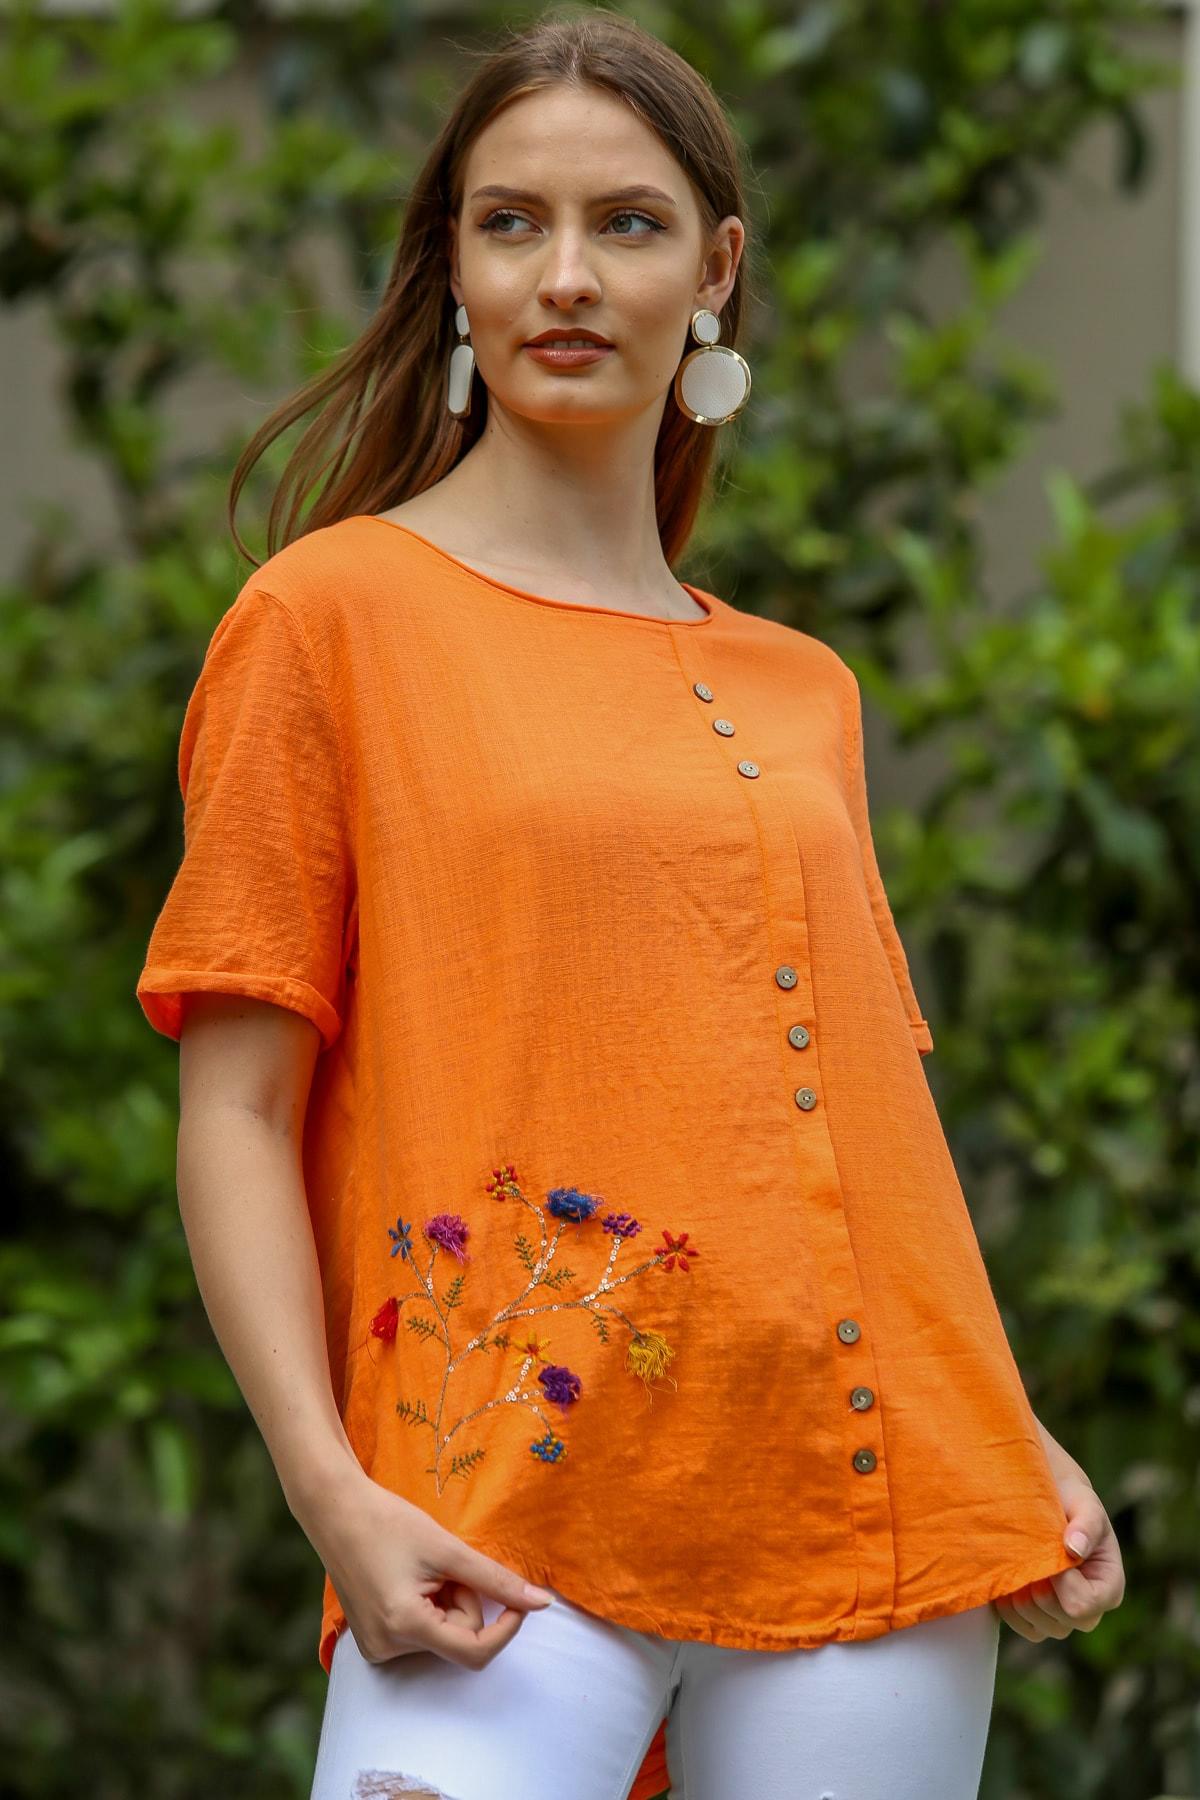 Kadın Turuncu Çiçek Buketi 3D Nakışlı Düğme Detaylı Salaş Dokuma Bluz M10010200BL95280